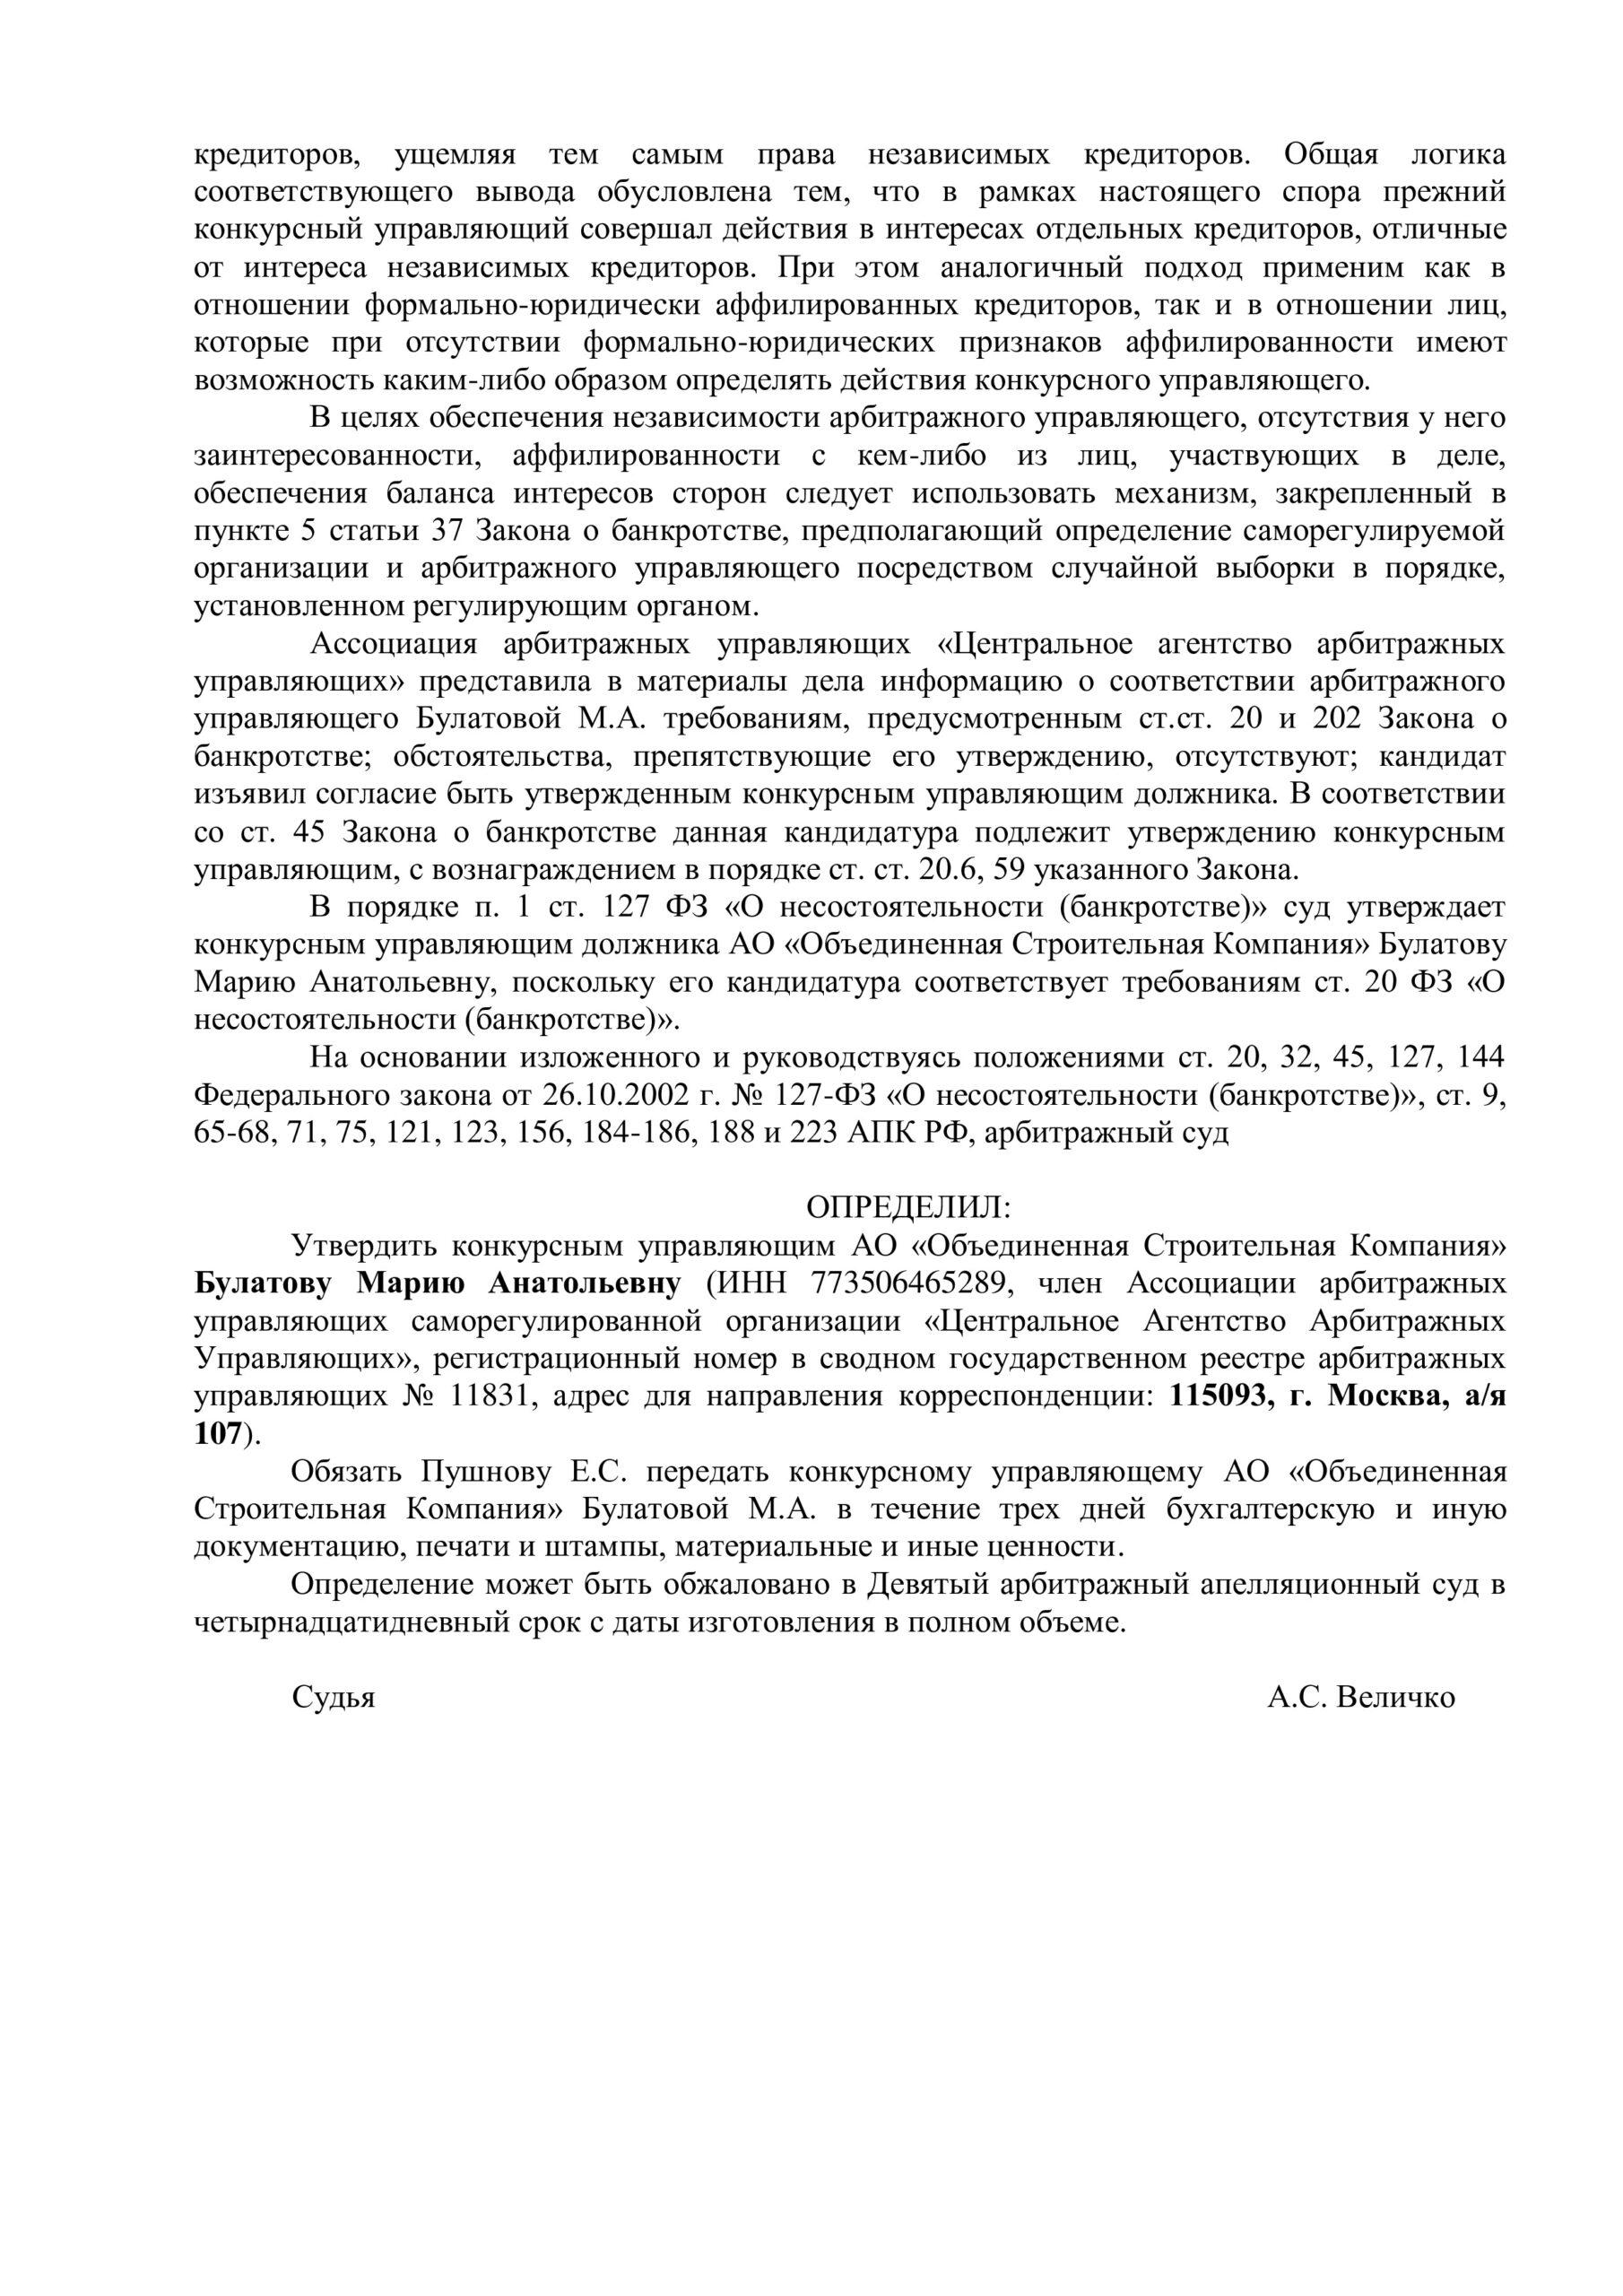 Определение суда о назначении конкурсного управляющего